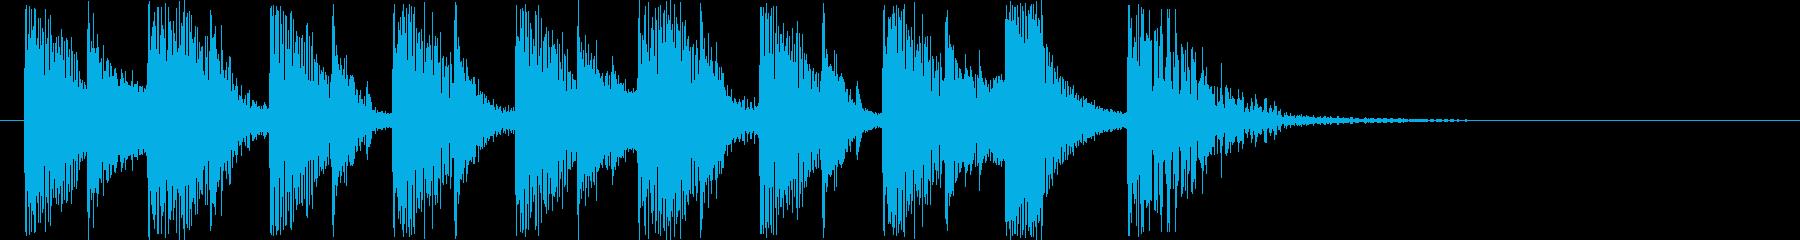 シンセサイザーによるマーチの再生済みの波形